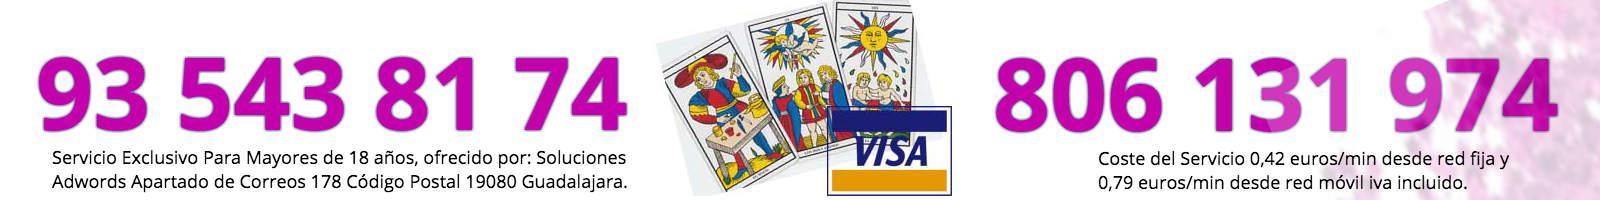 Tarot Alicia VISA y 806 131 974